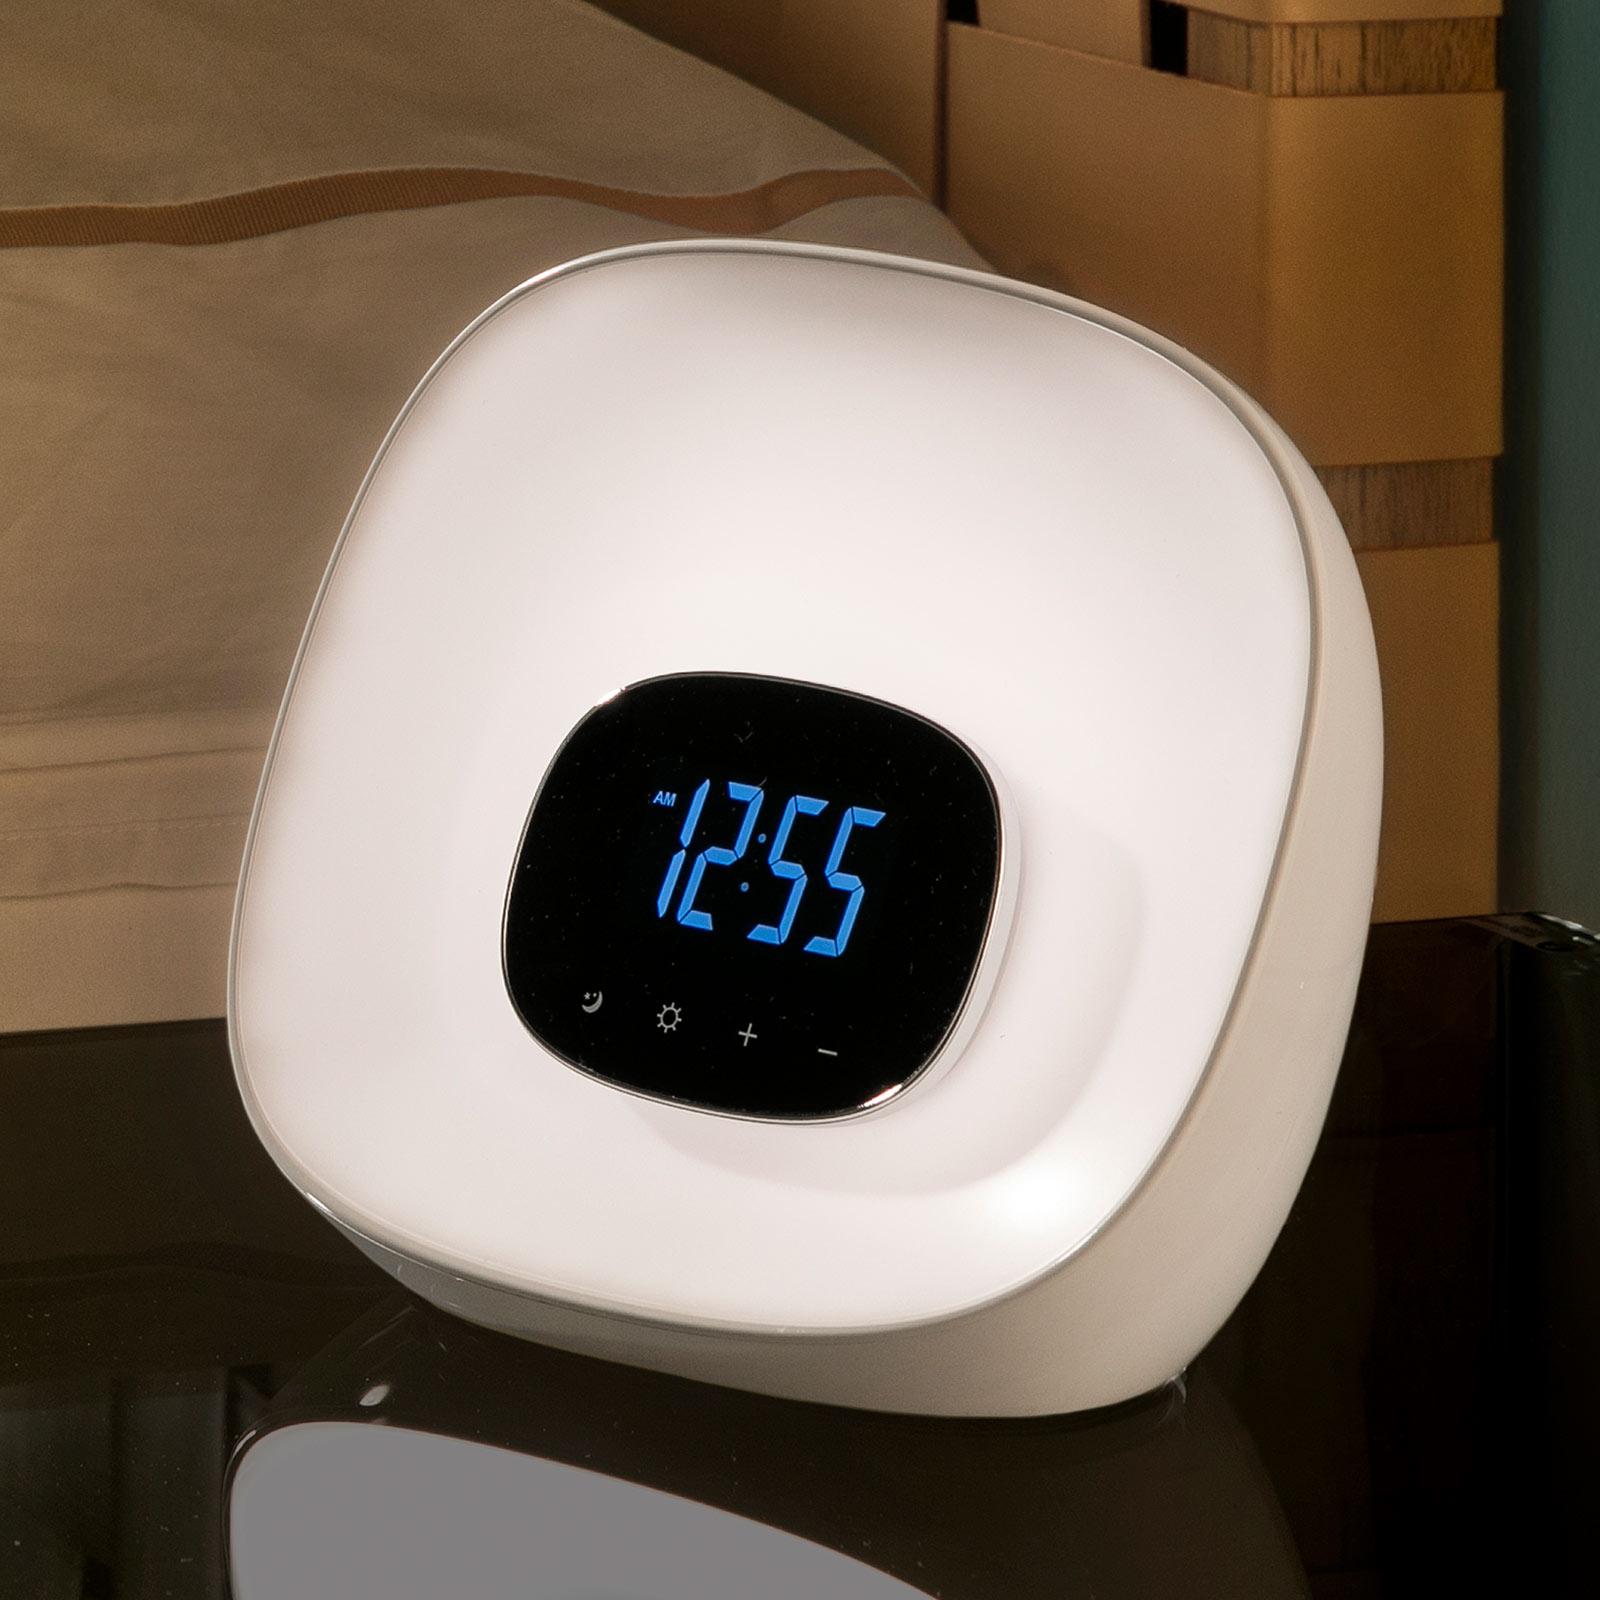 Tafellamp Sunrise met klok, radio en wekker